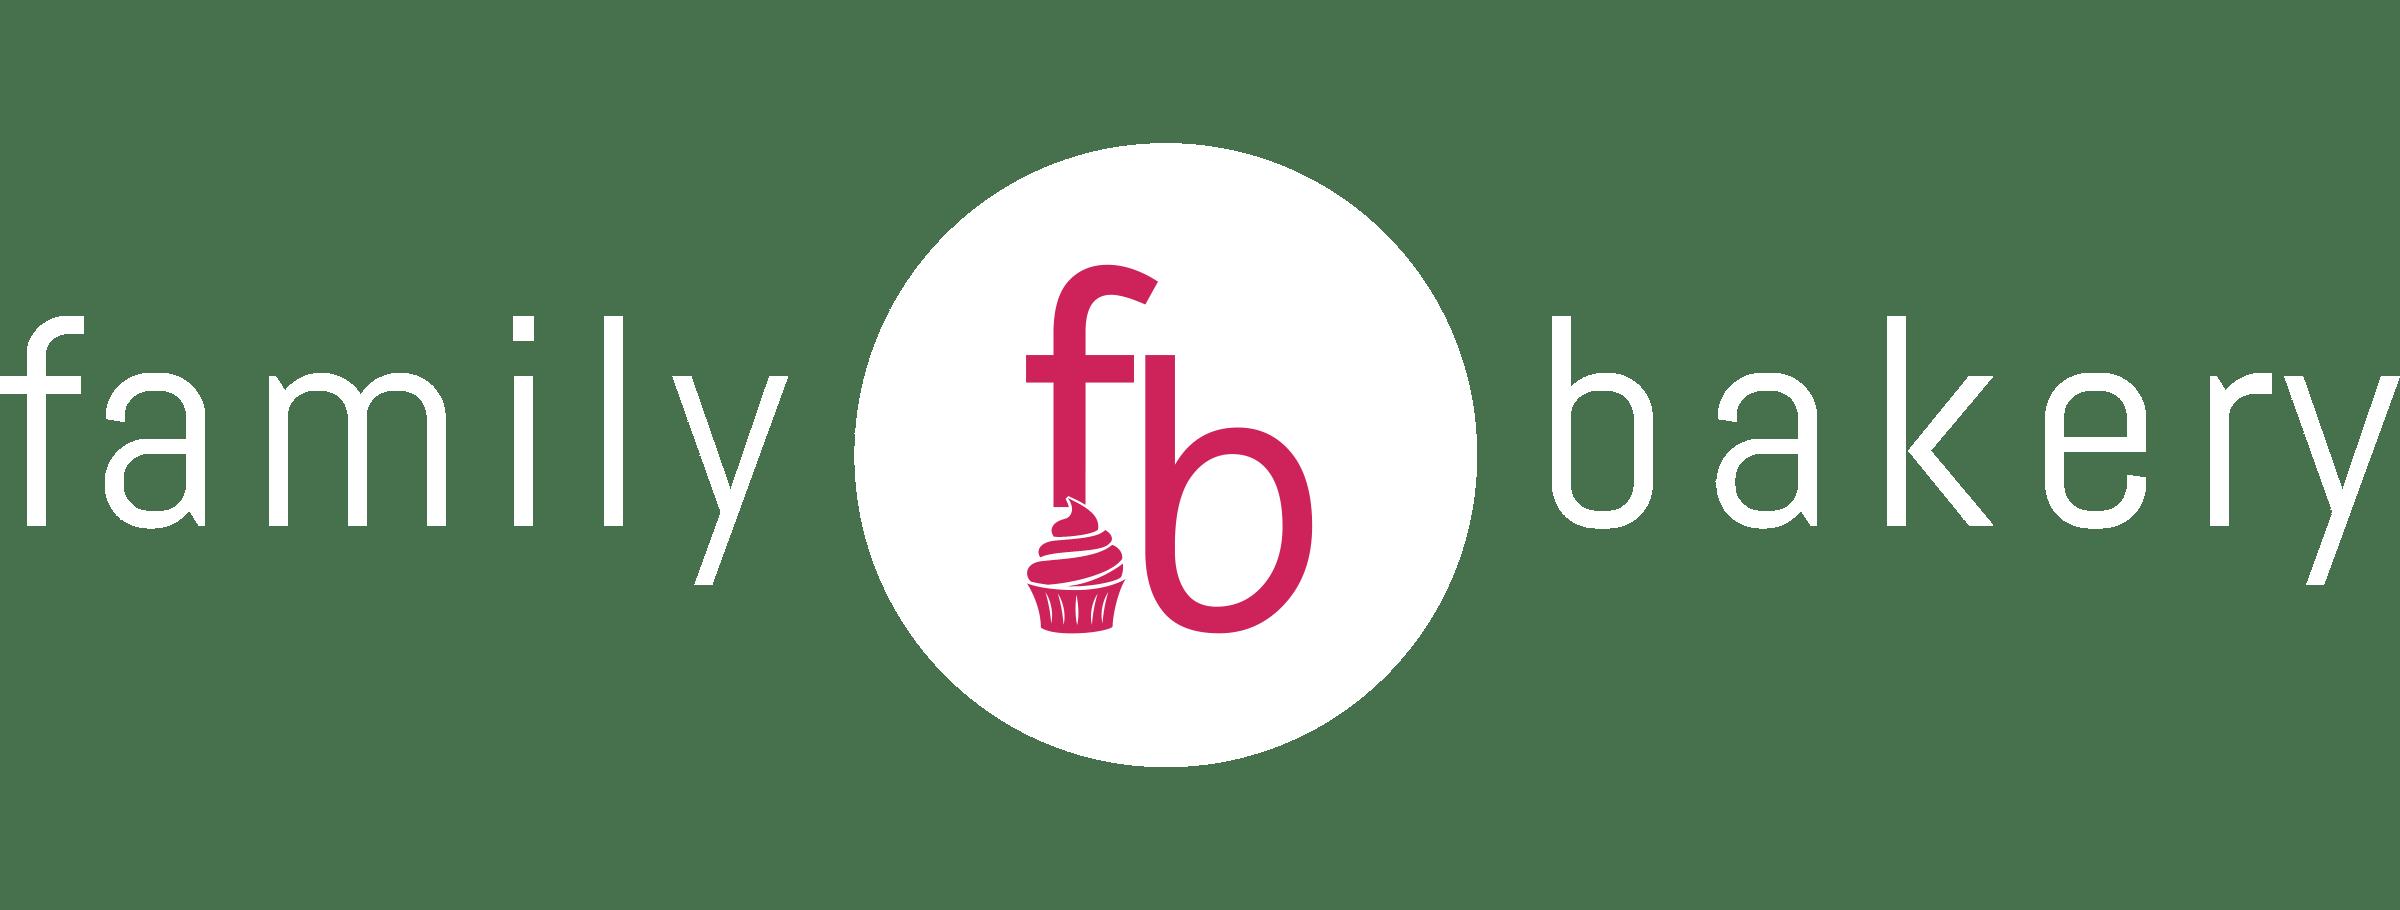 Family Bakery logo